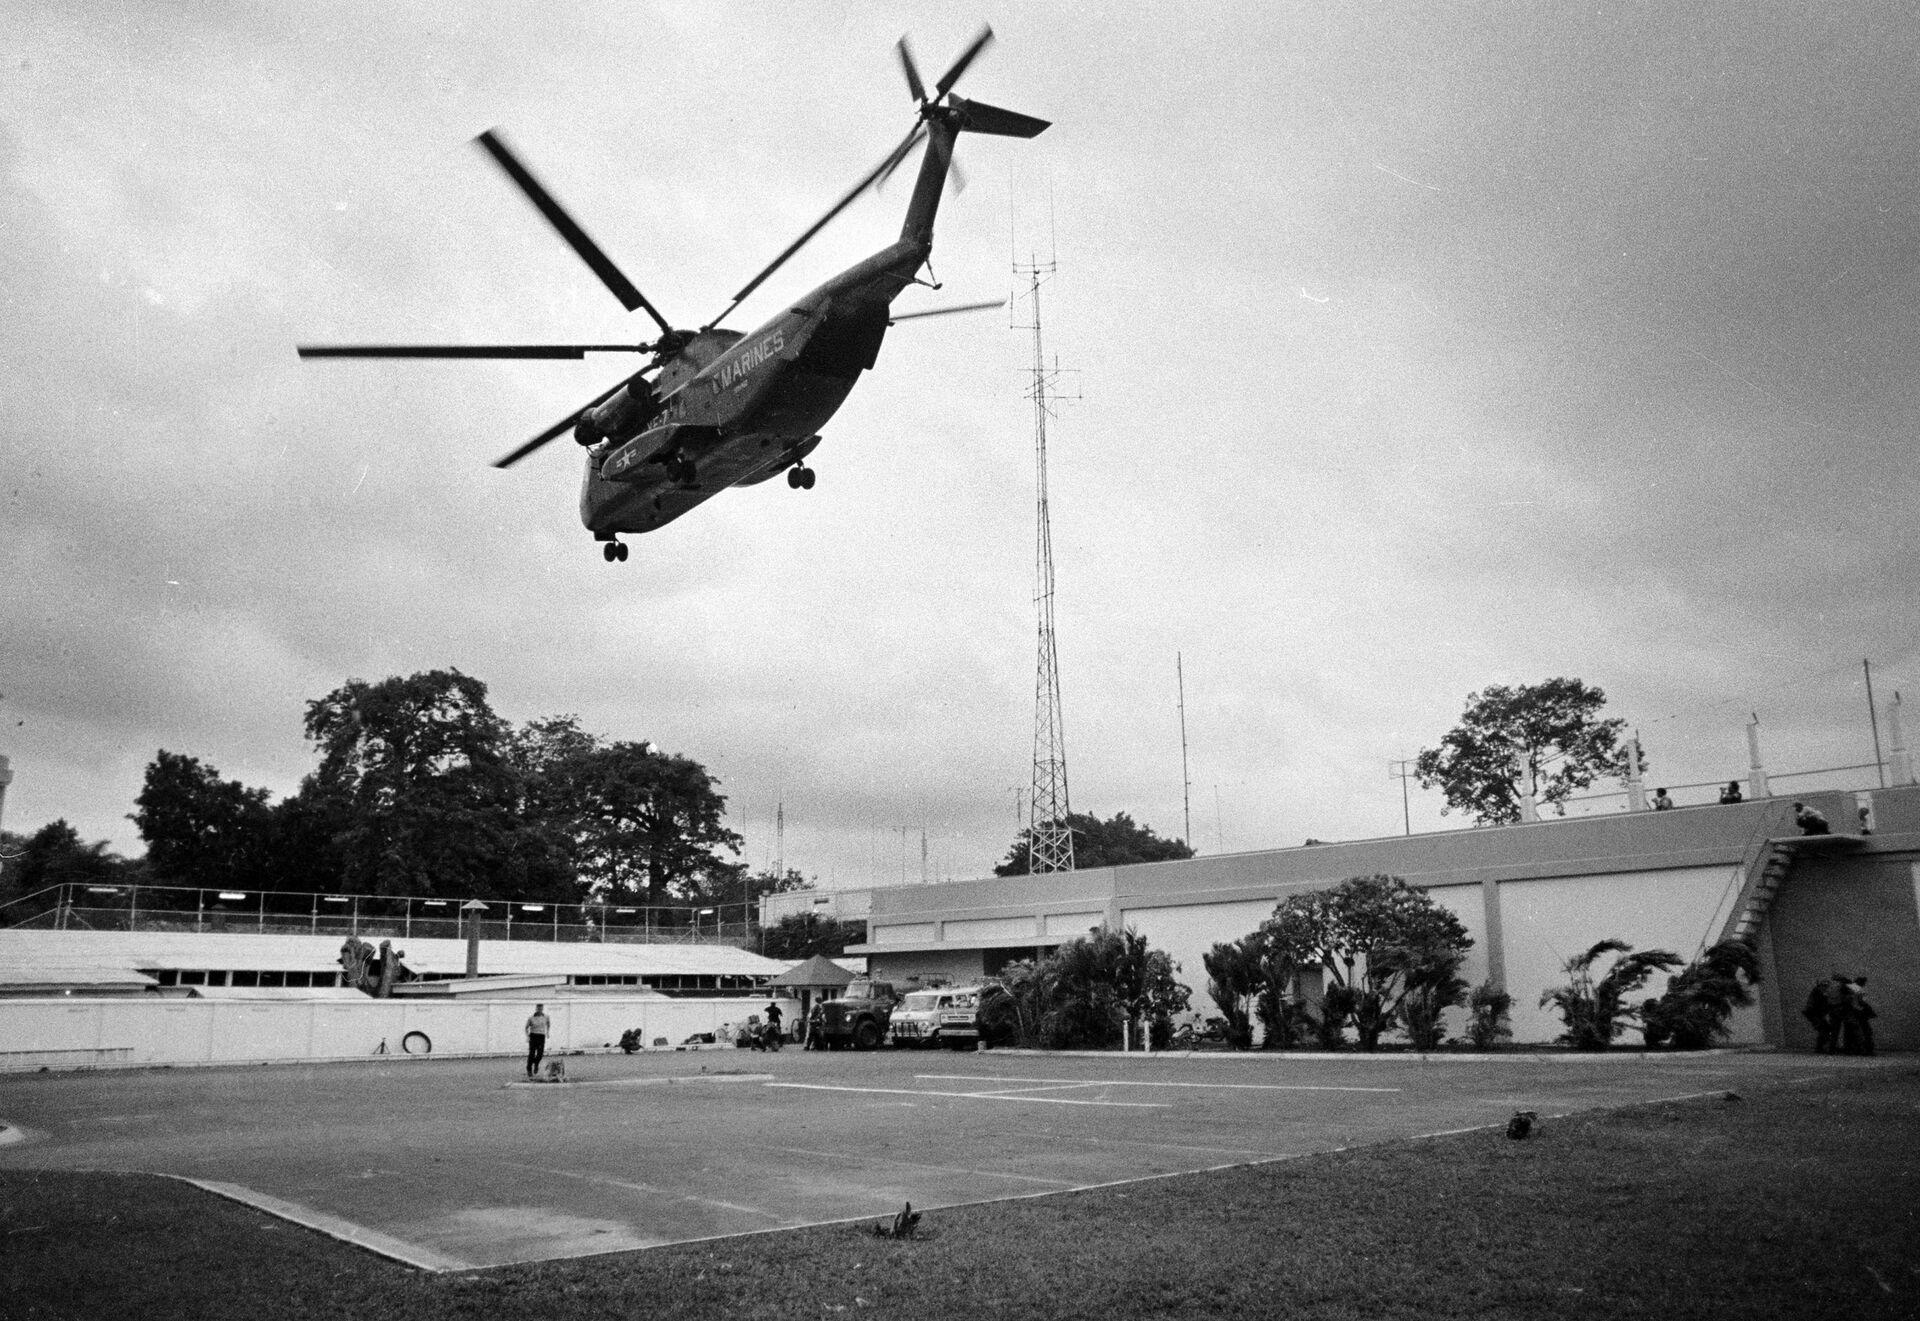 Вертолет во время эвакуации взлетает из посольства США в Сайгоне, Вьетнам. 29 апреля 1975 года. - Sputnik Азербайджан, 1920, 01.10.2021